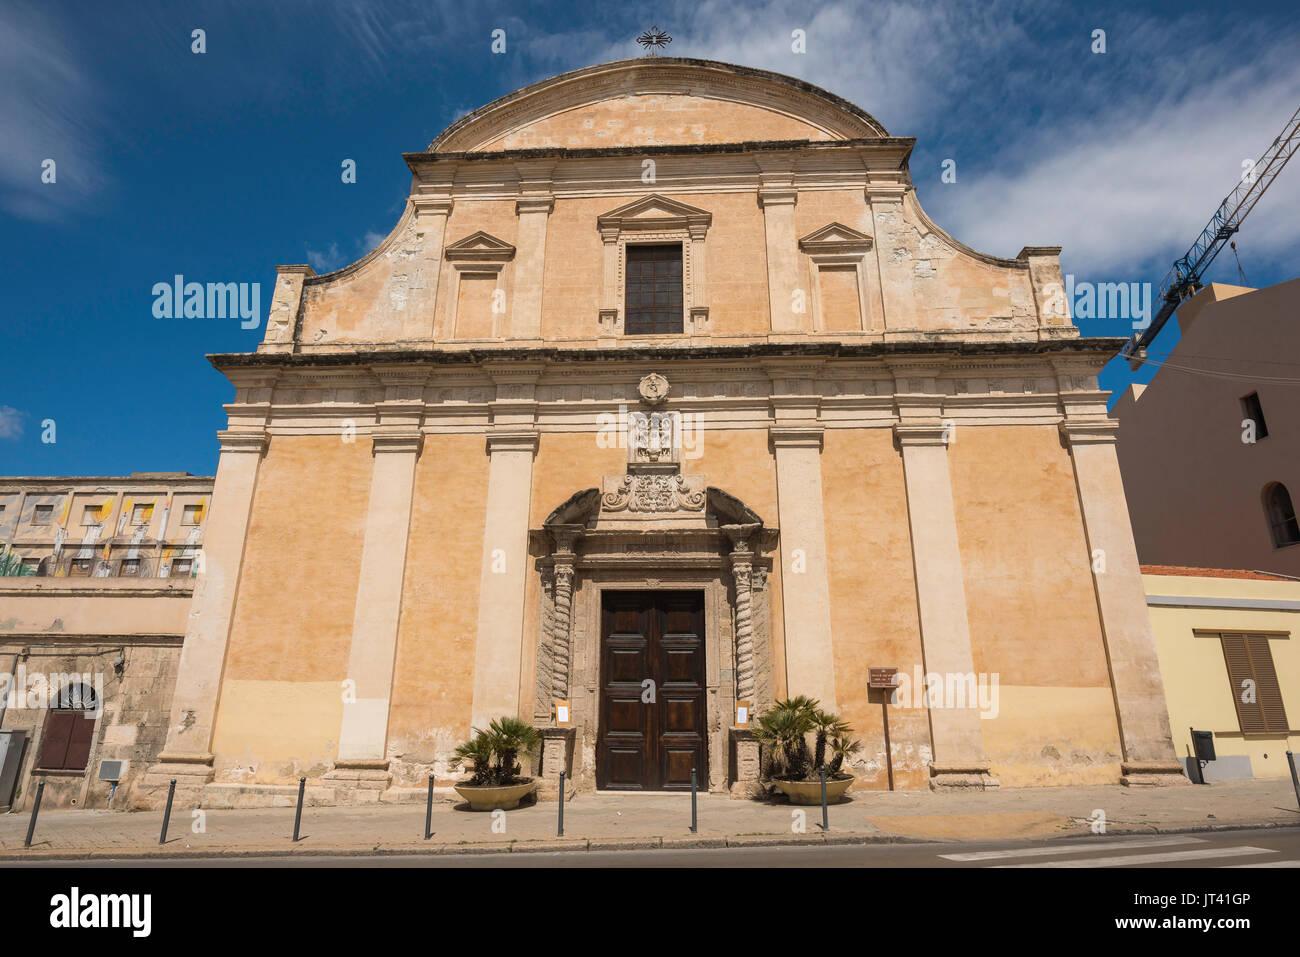 Sassari Sardinia, the Baroque facade of the Church of Sant'Antonio Abate in Sassari, Sardinia. - Stock Image